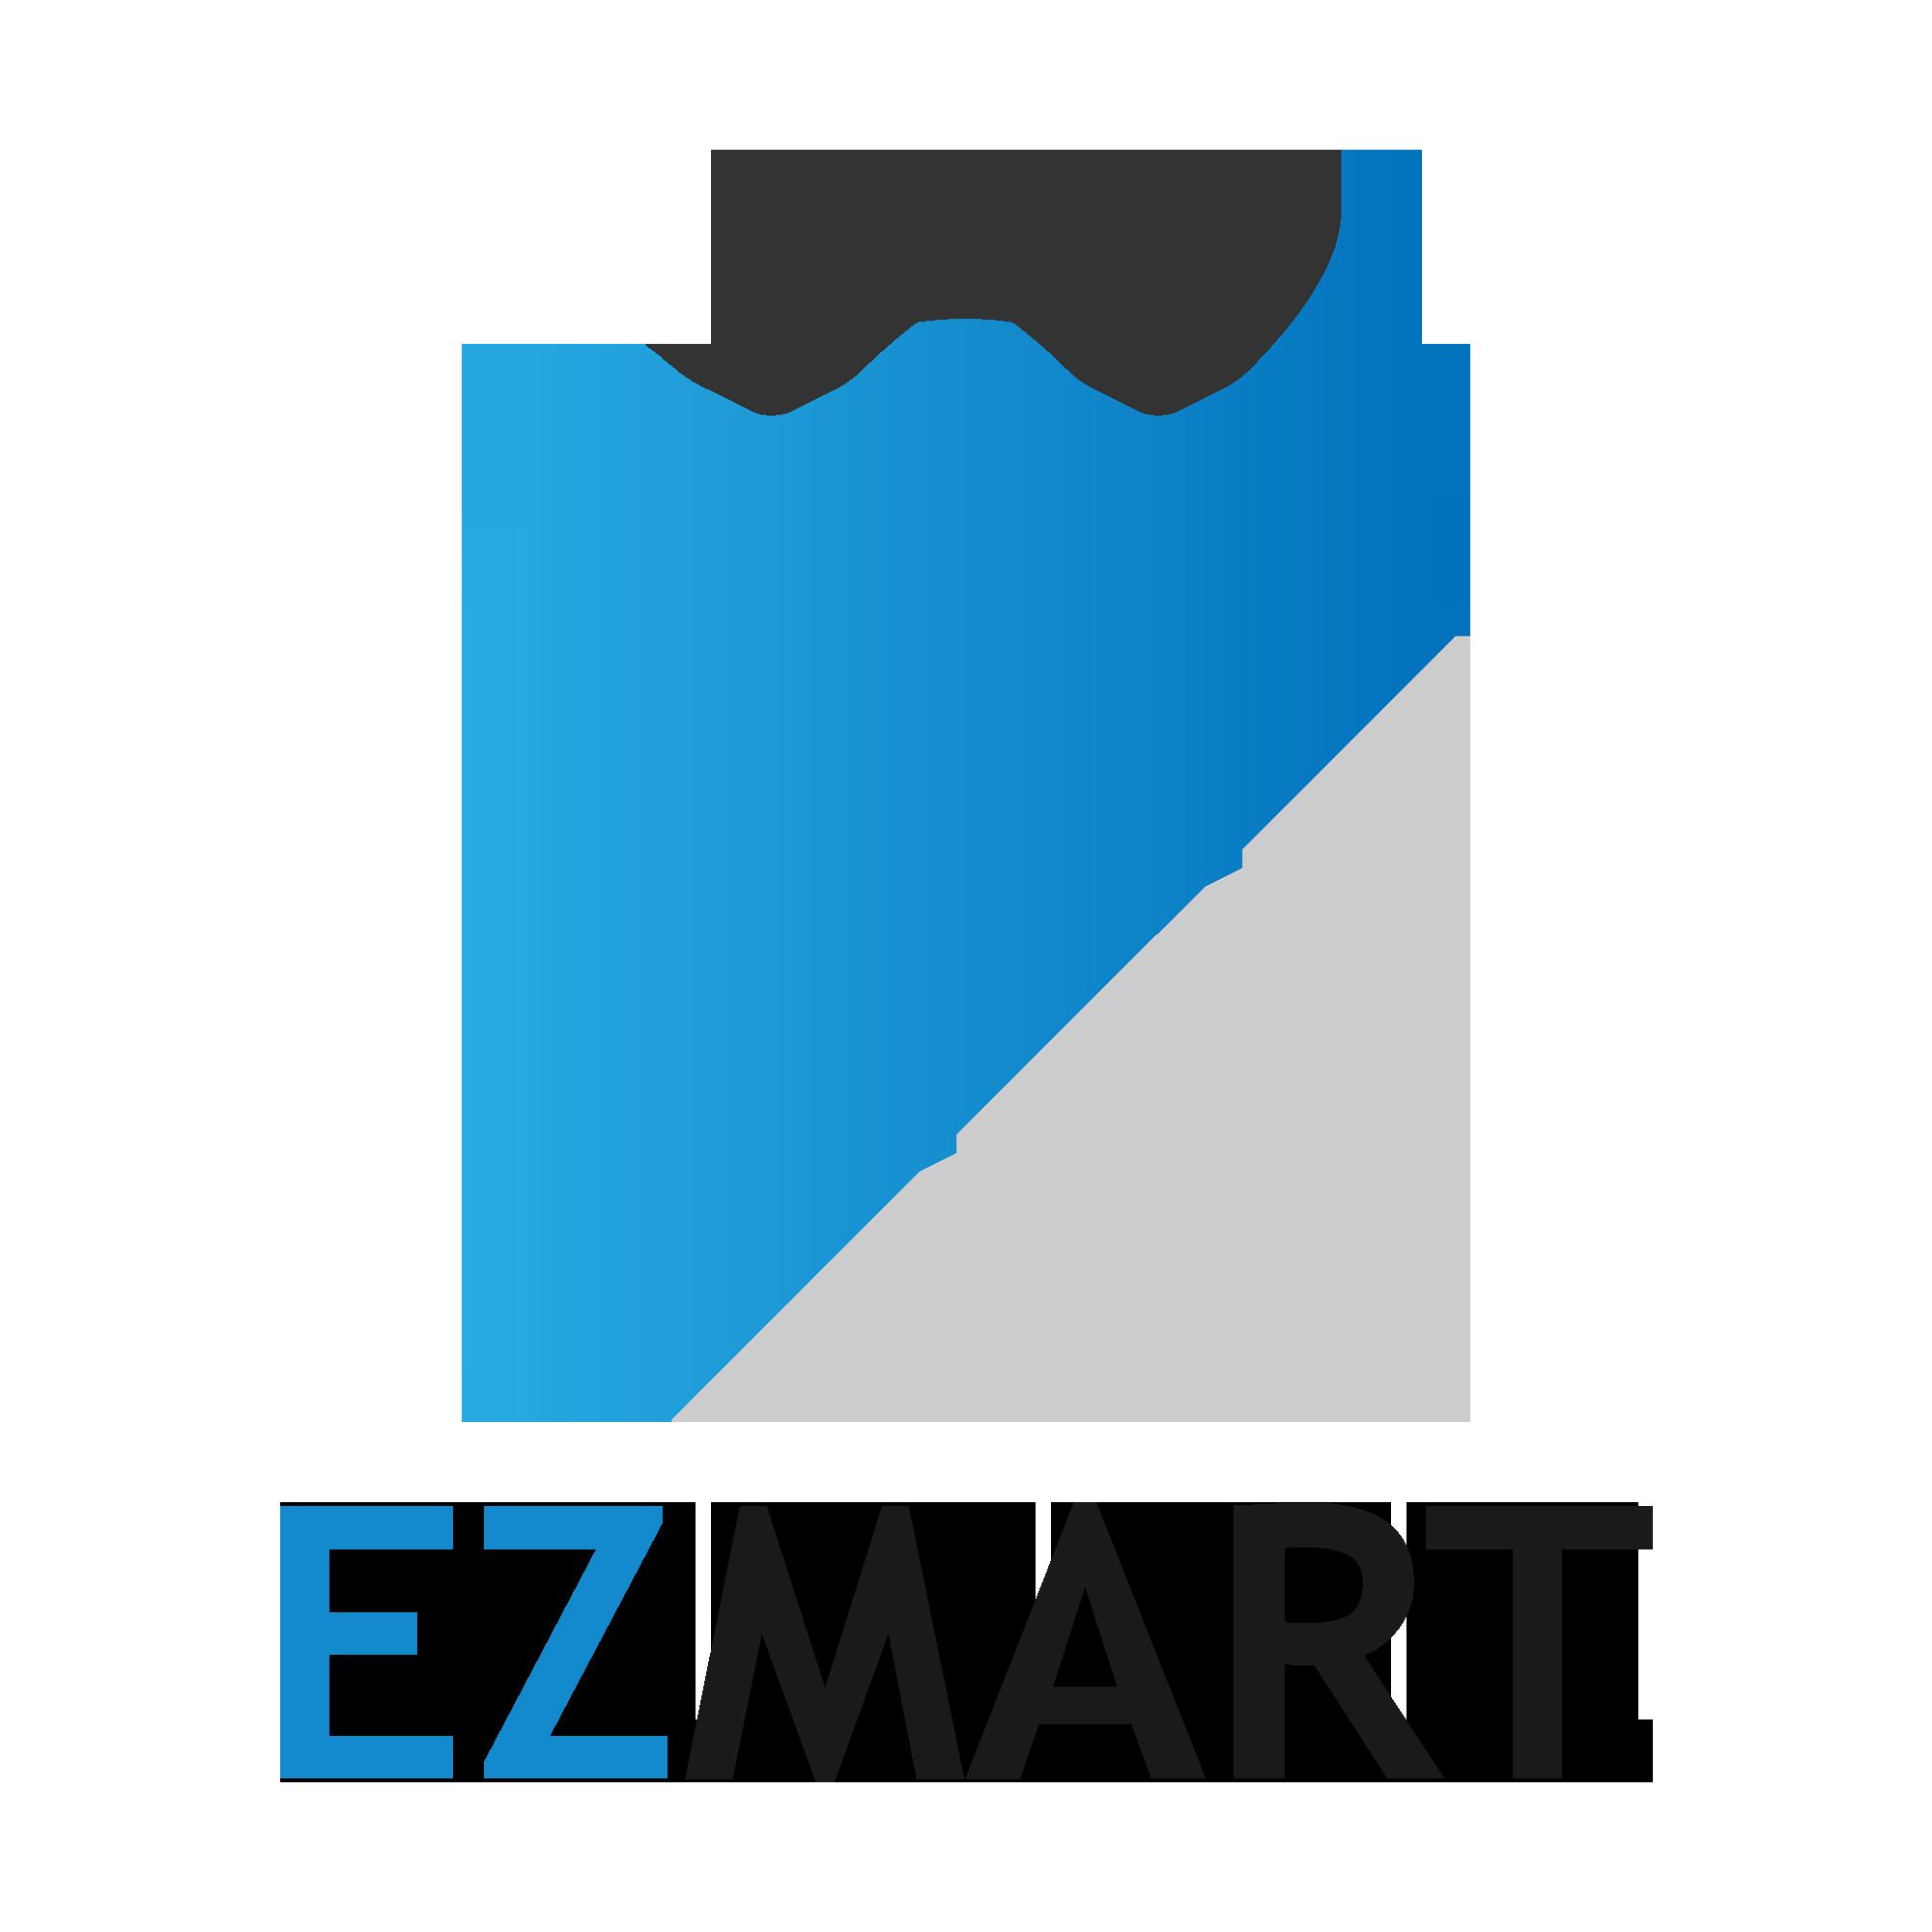 المتجر الالكتروني EZMART